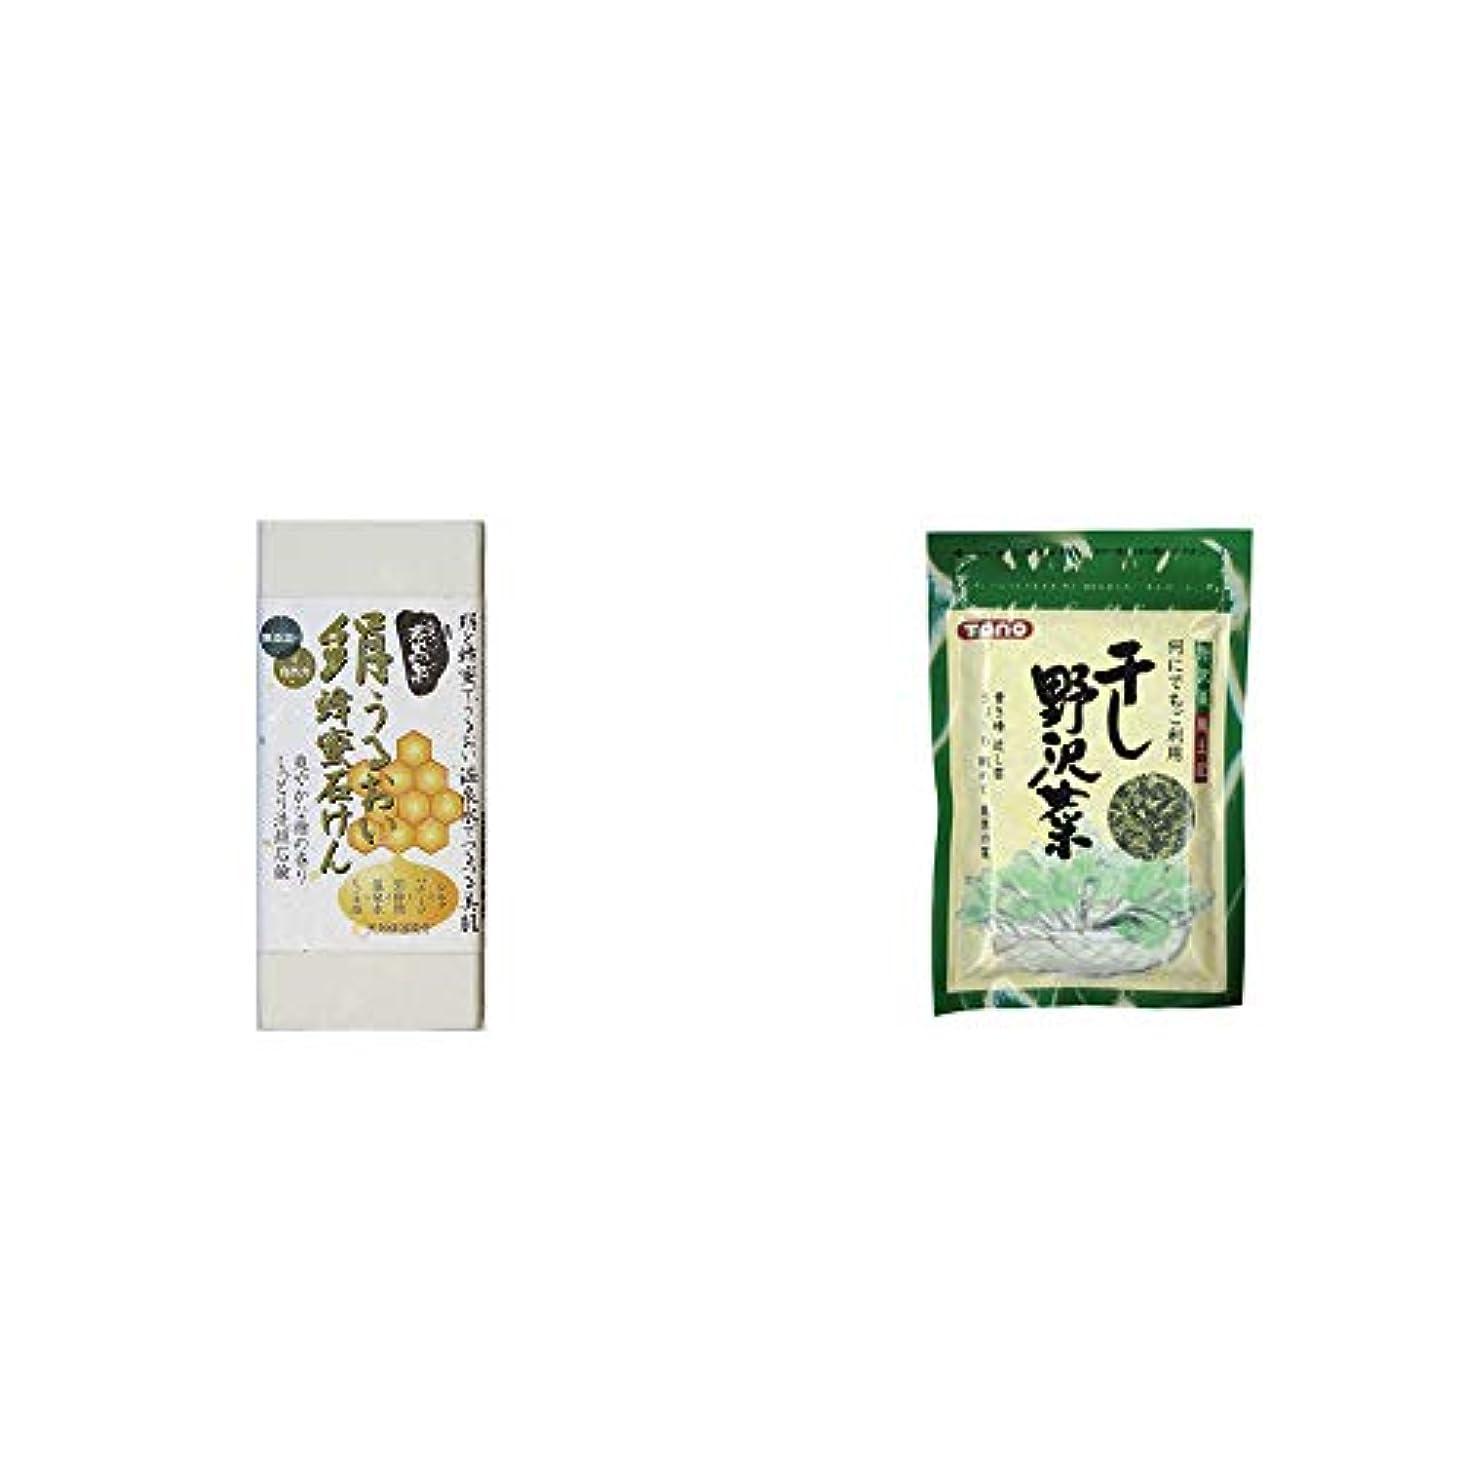 拾う周囲共役[2点セット] ひのき炭黒泉 絹うるおい蜂蜜石けん(75g×2)?干し野沢菜(100g)